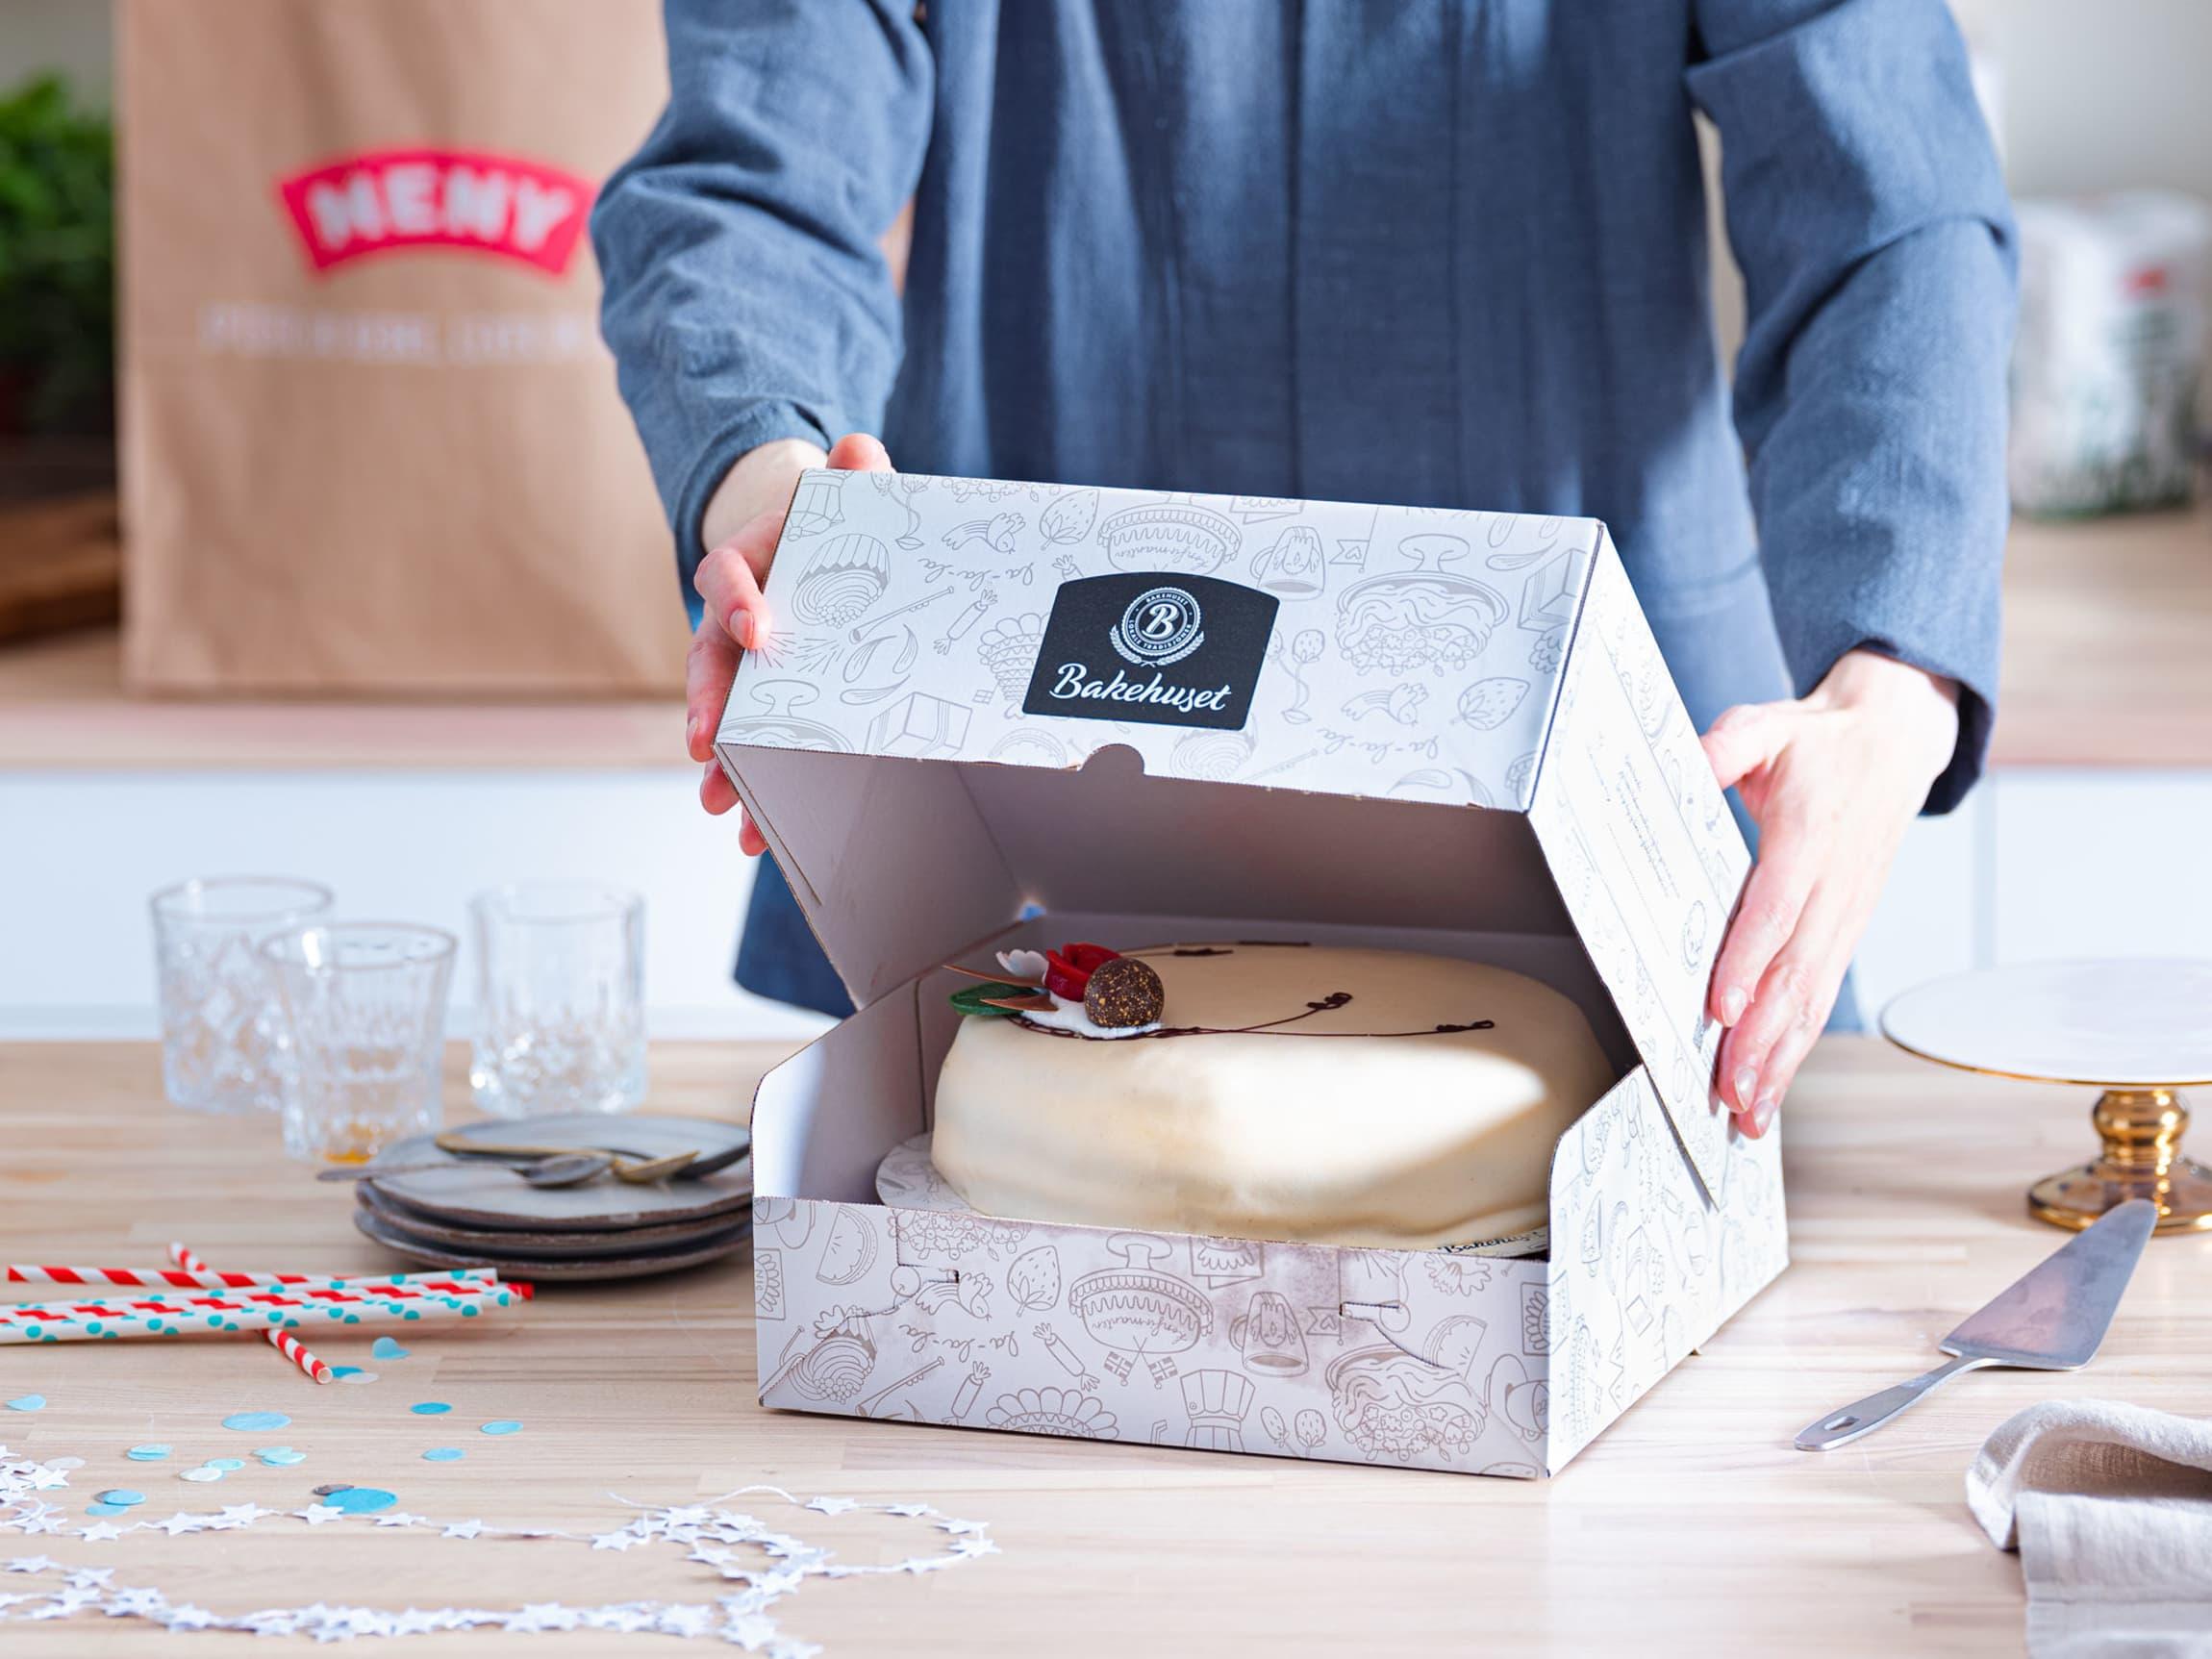 Velg mellom et stort uvalg av Kakemakerens mest populære kaker - levert rett hjem på døren.